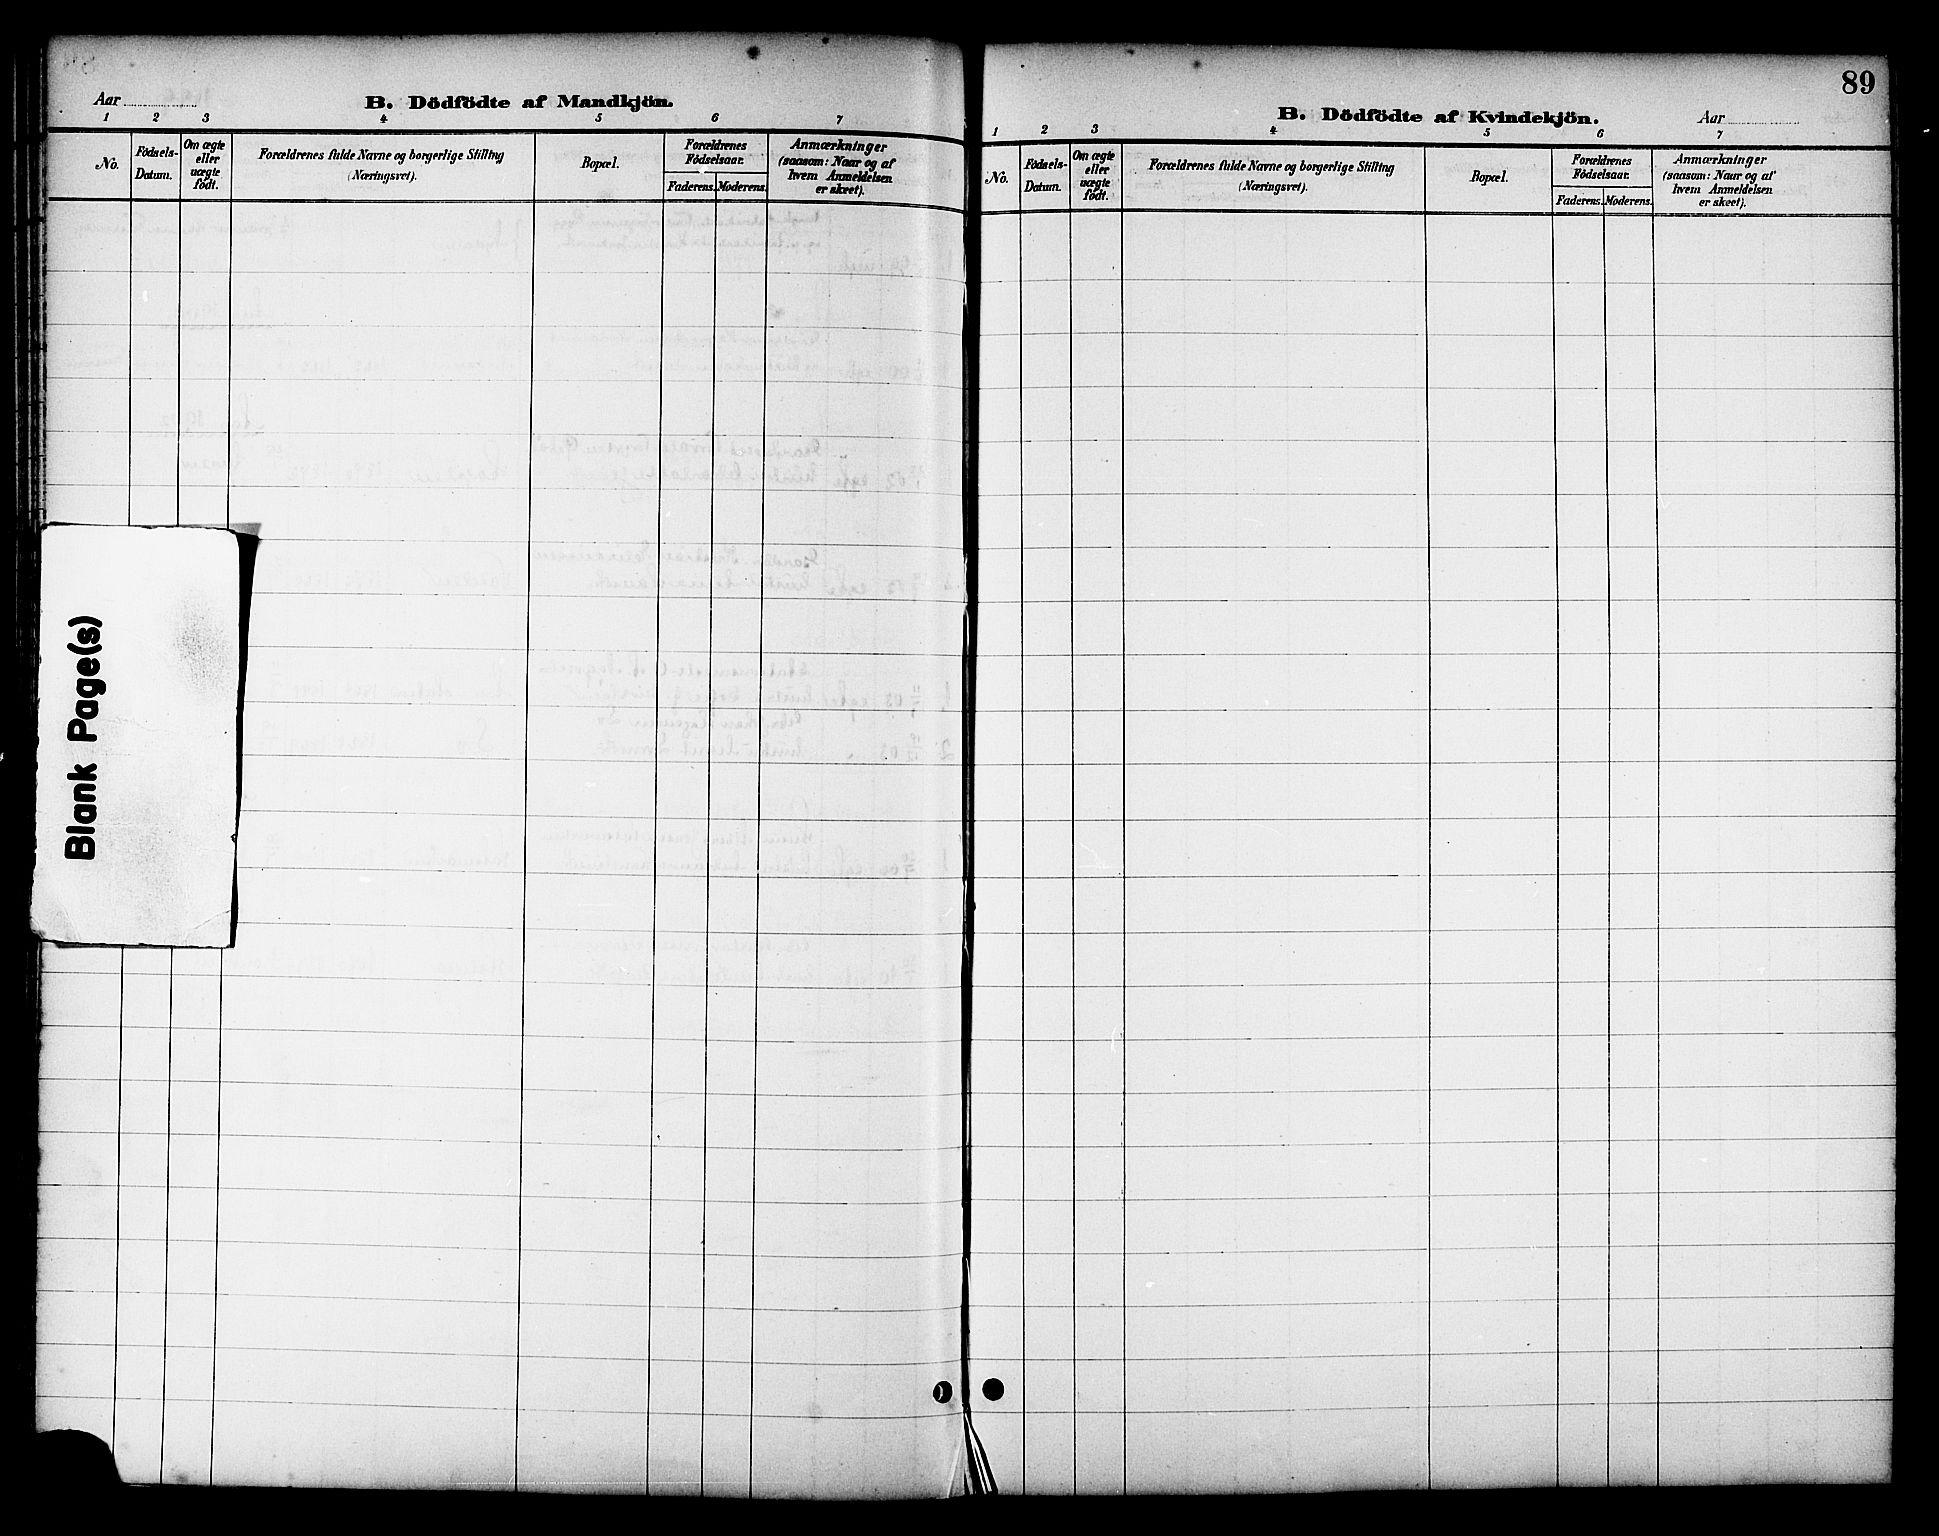 SAT, Ministerialprotokoller, klokkerbøker og fødselsregistre - Nord-Trøndelag, 714/L0135: Klokkerbok nr. 714C04, 1899-1918, s. 89